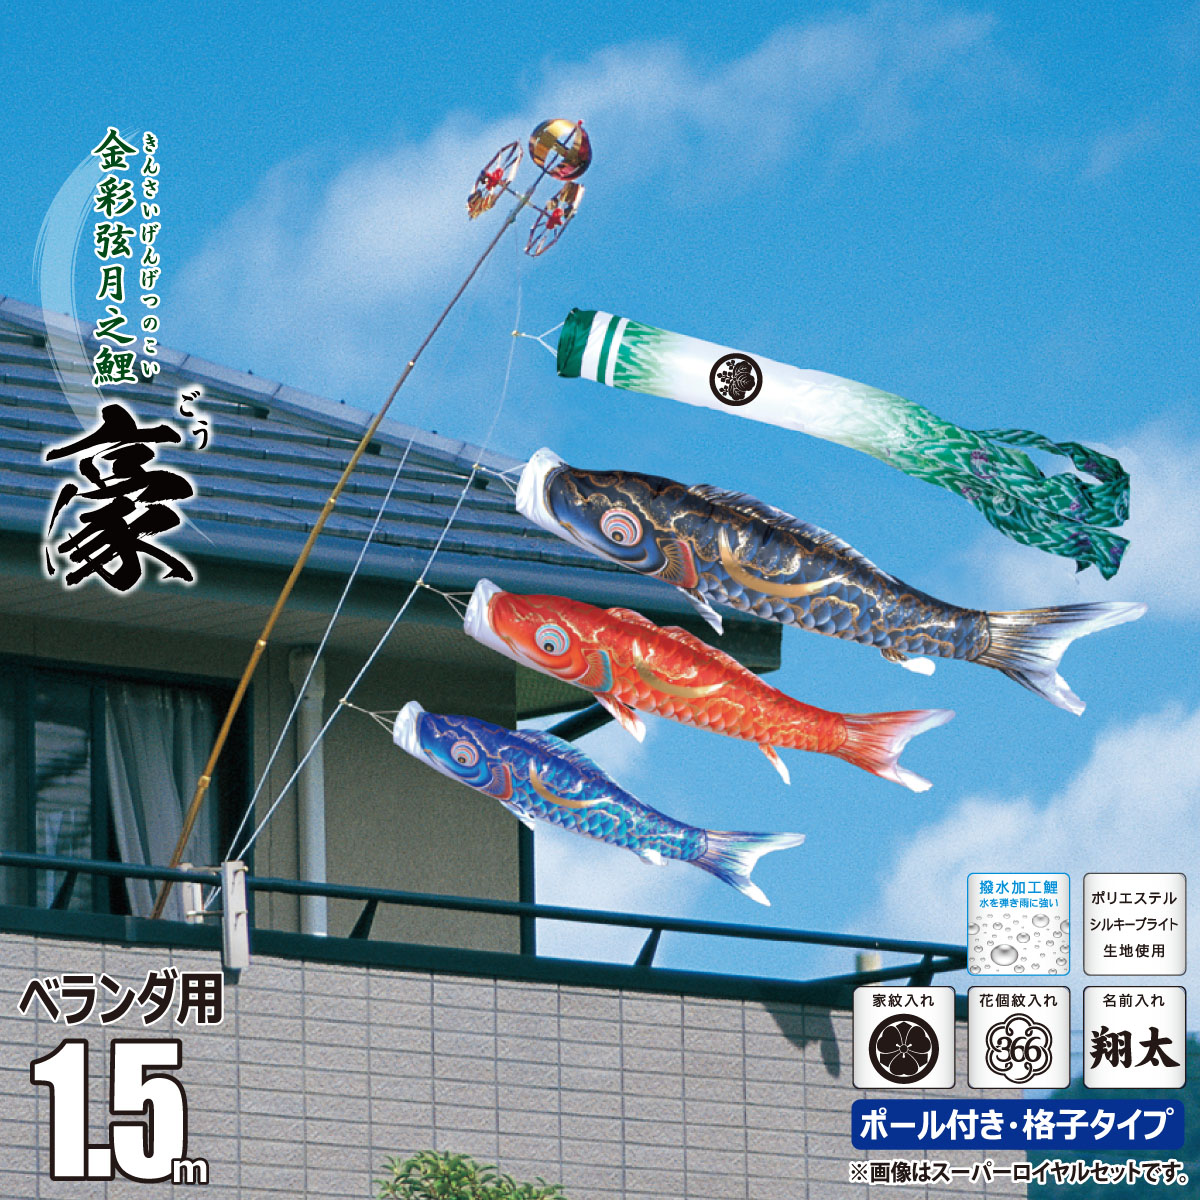 こいのぼり 1.5m 豪(ごう) (矢車、ロープ、吹流し、鯉3匹) ベランダ用 ロイヤルセット (ベランダ用 取付金具付き) 徳永鯉のぼり KIT-120-261